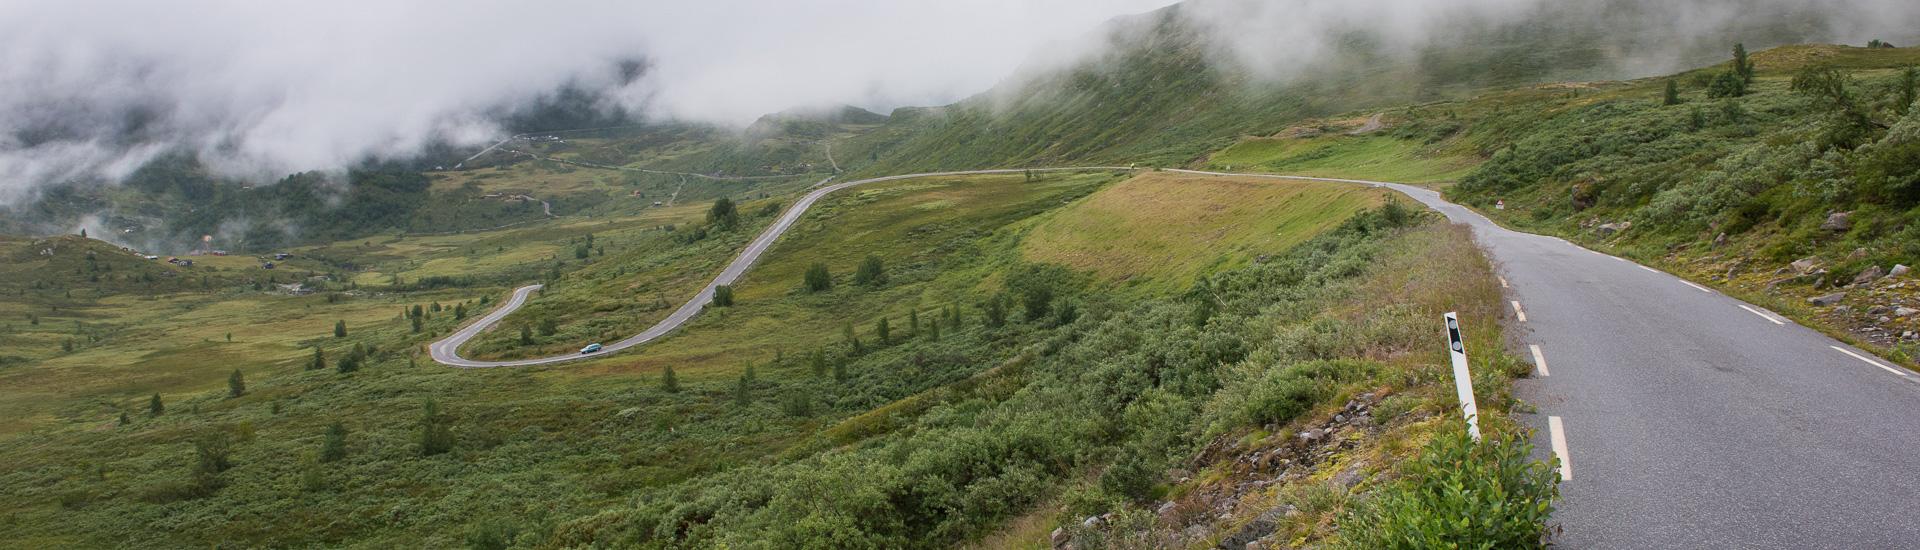 norwegen-roadtrip-routen